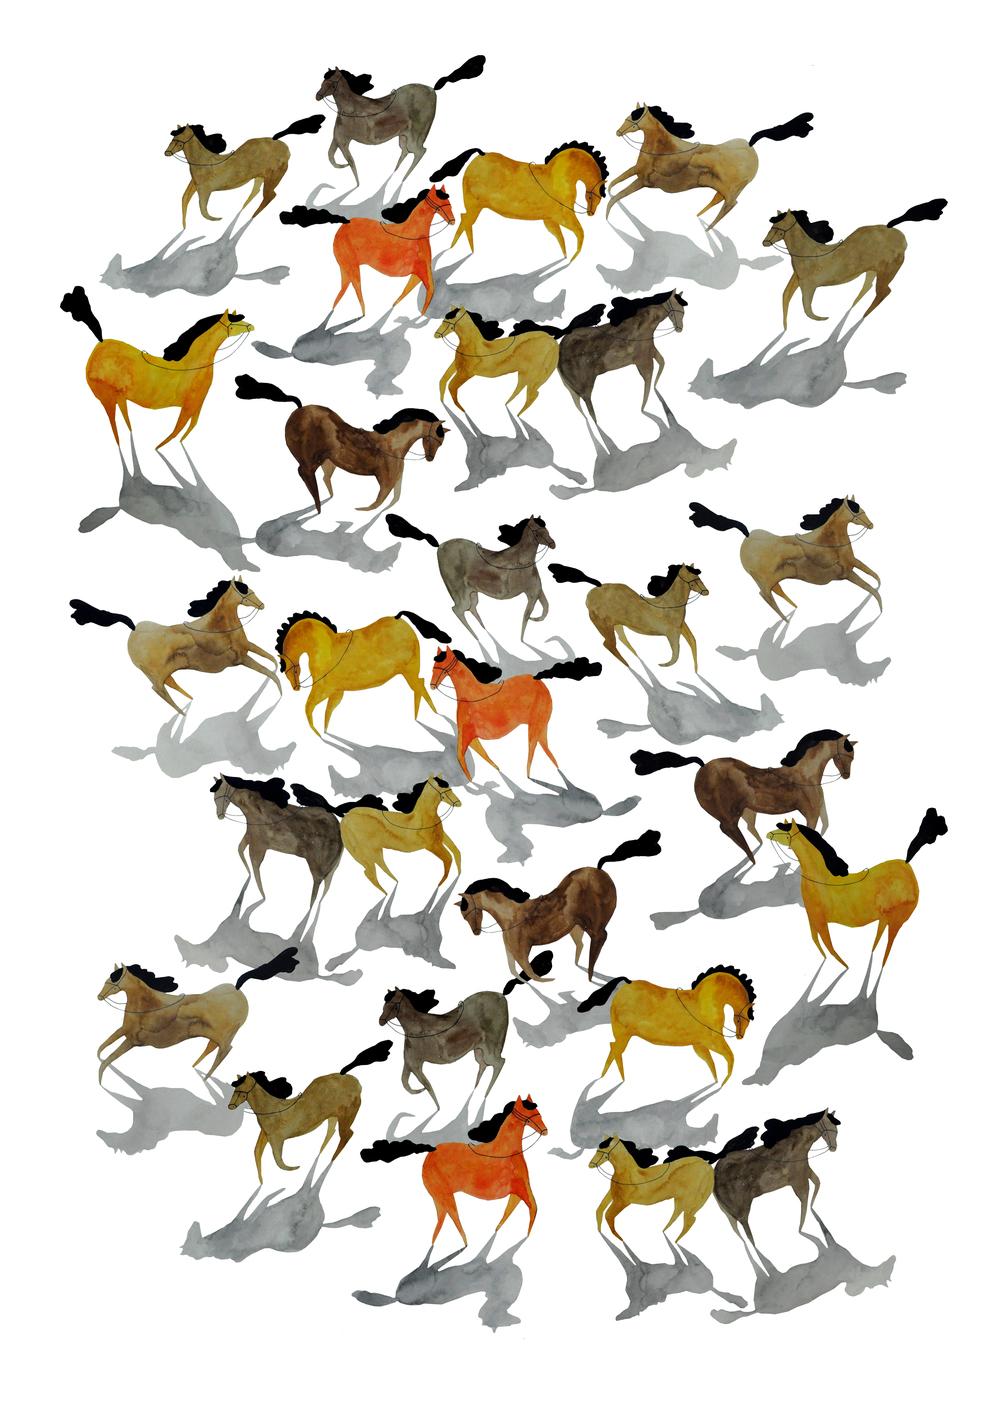 horsies.png